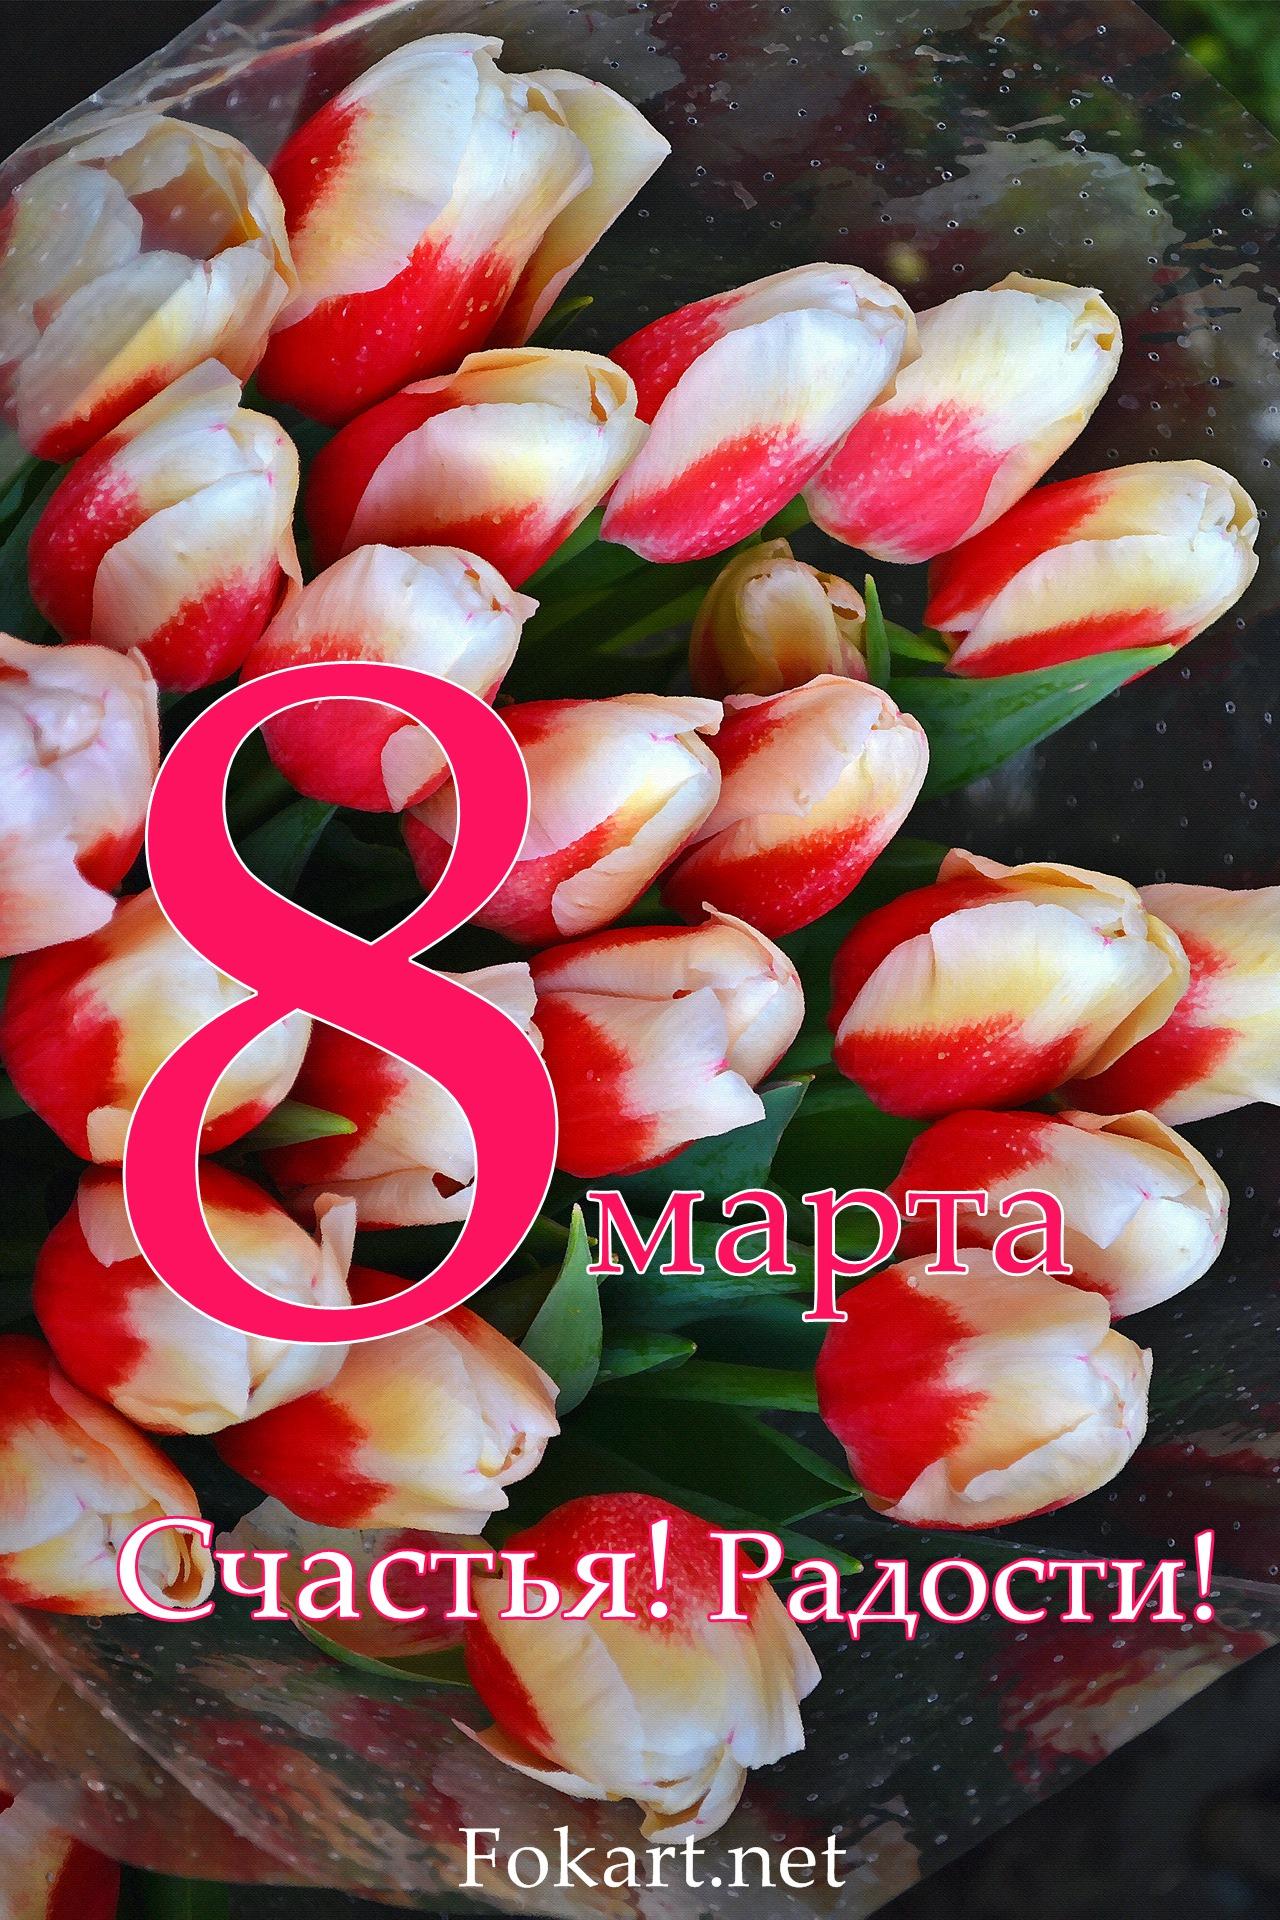 Букет ярких тюльпанов, открытка 8 марта